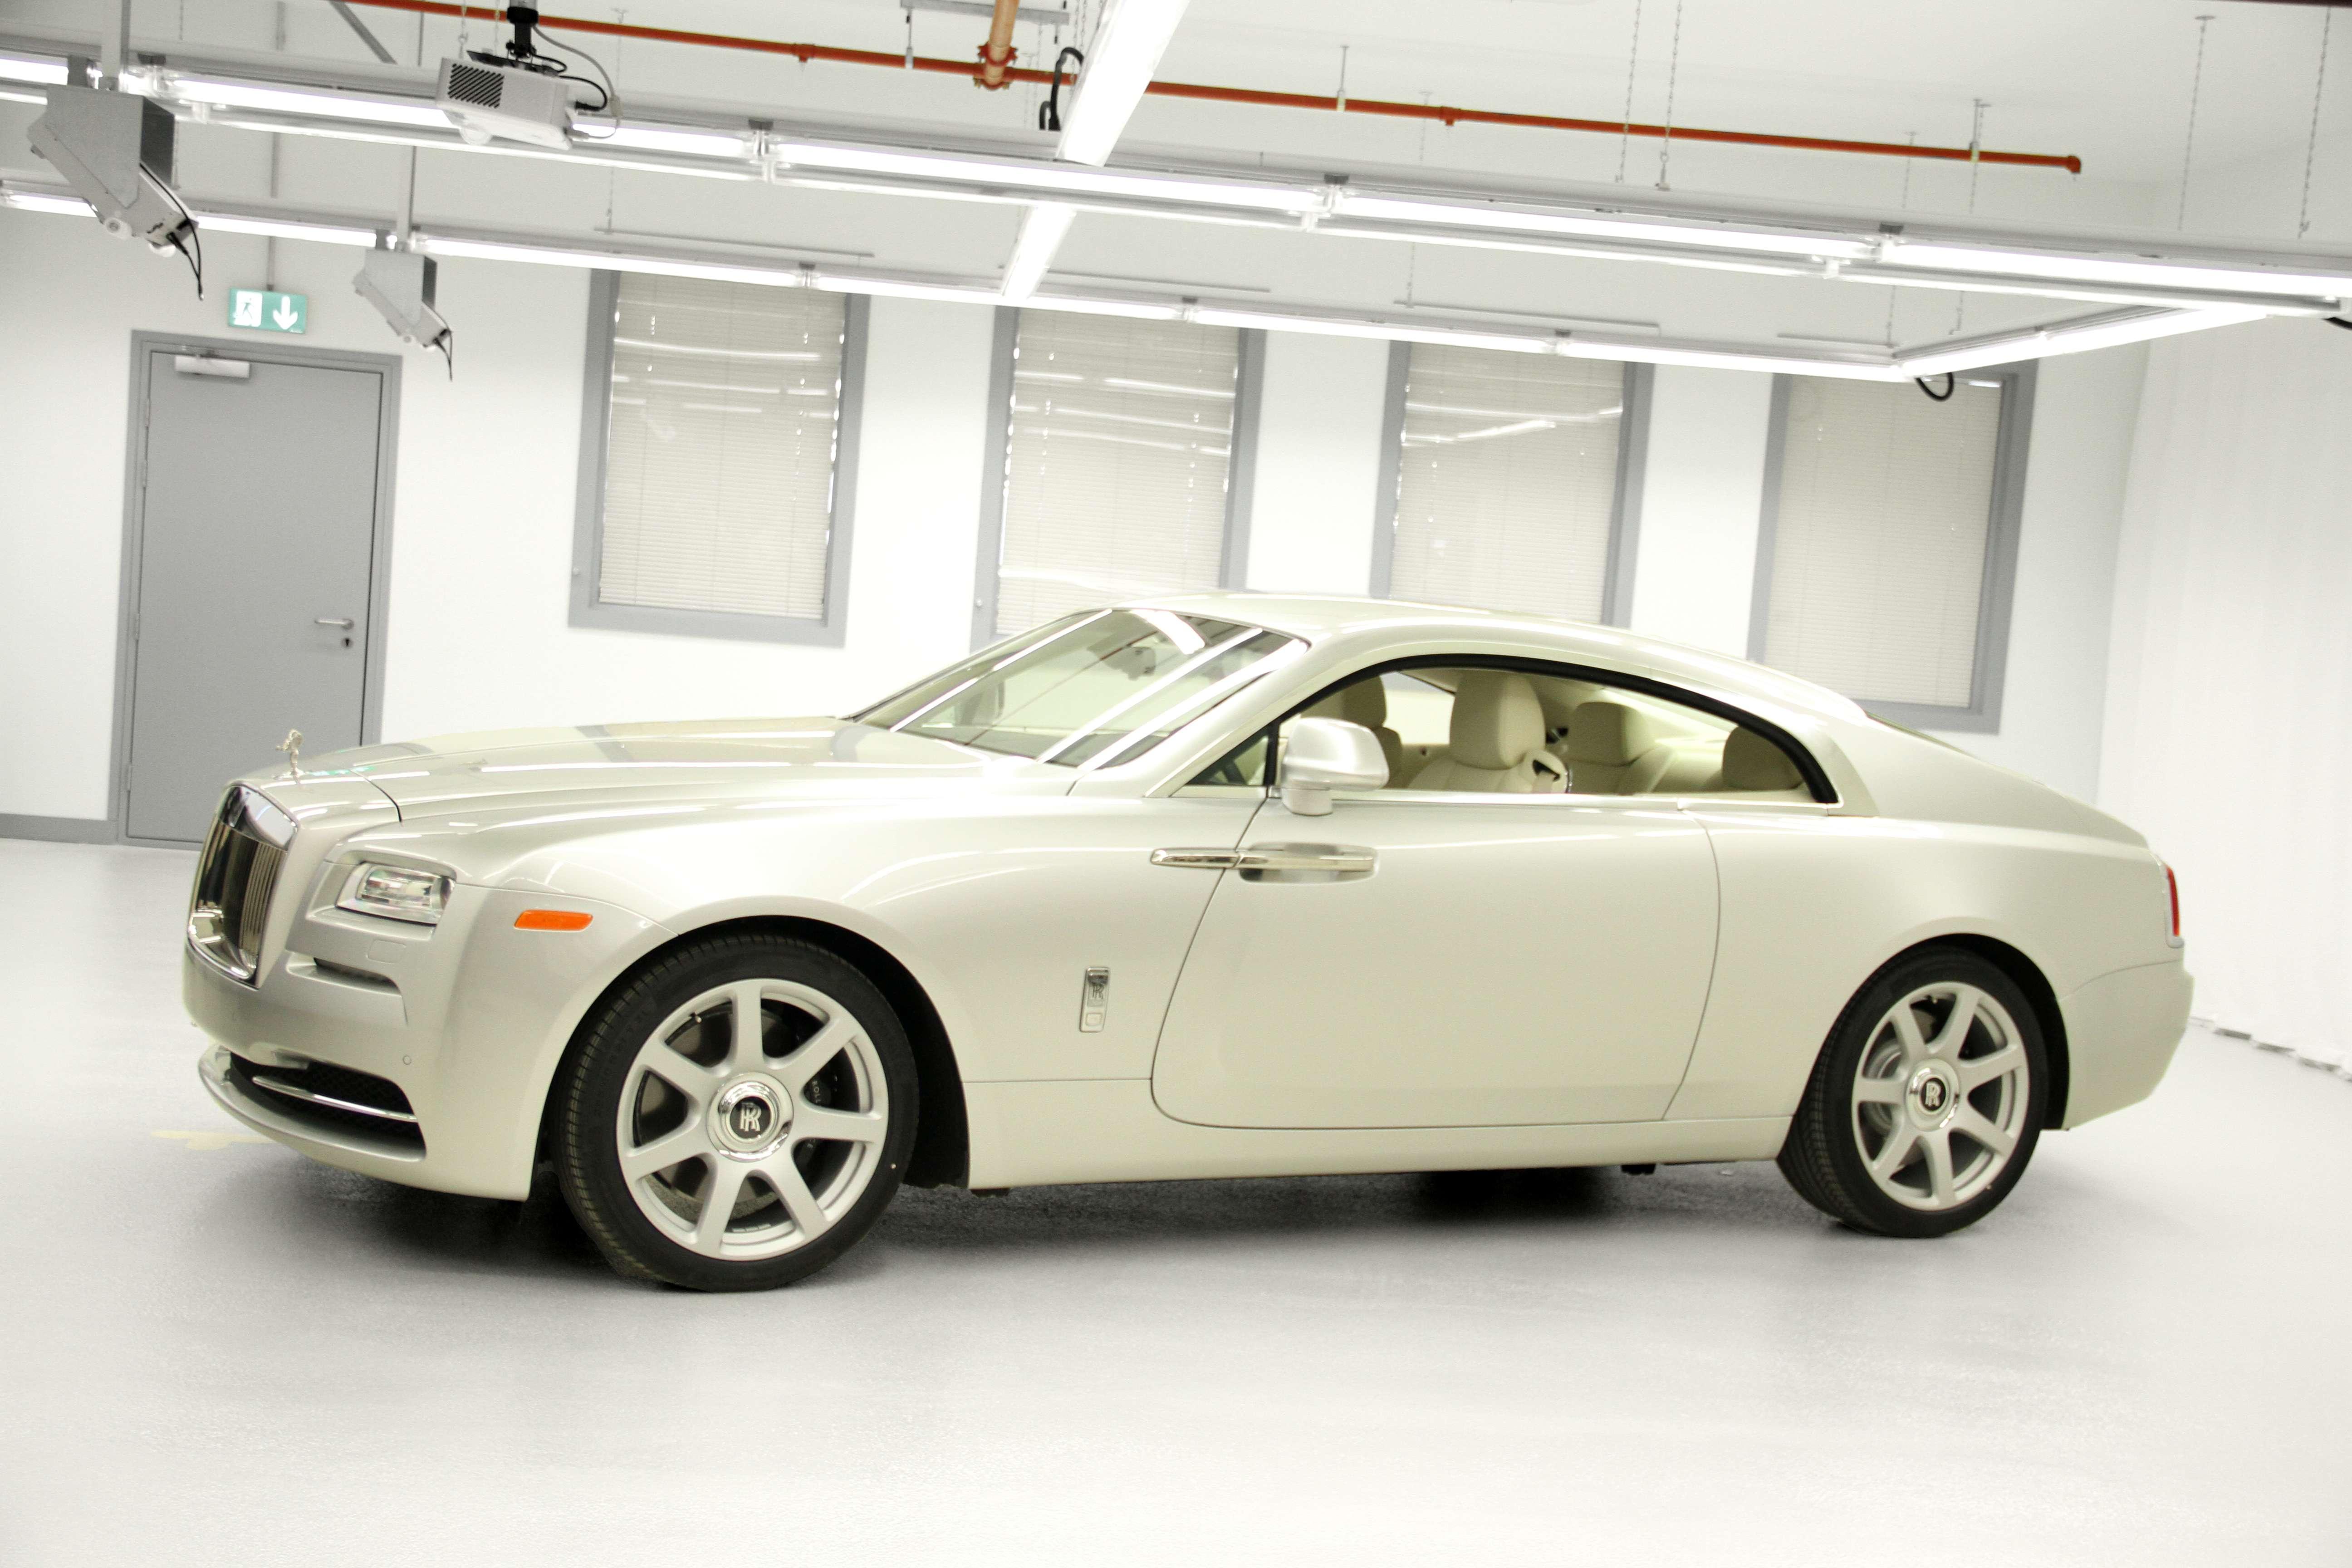 Rolls Royce Wraith Goodwood